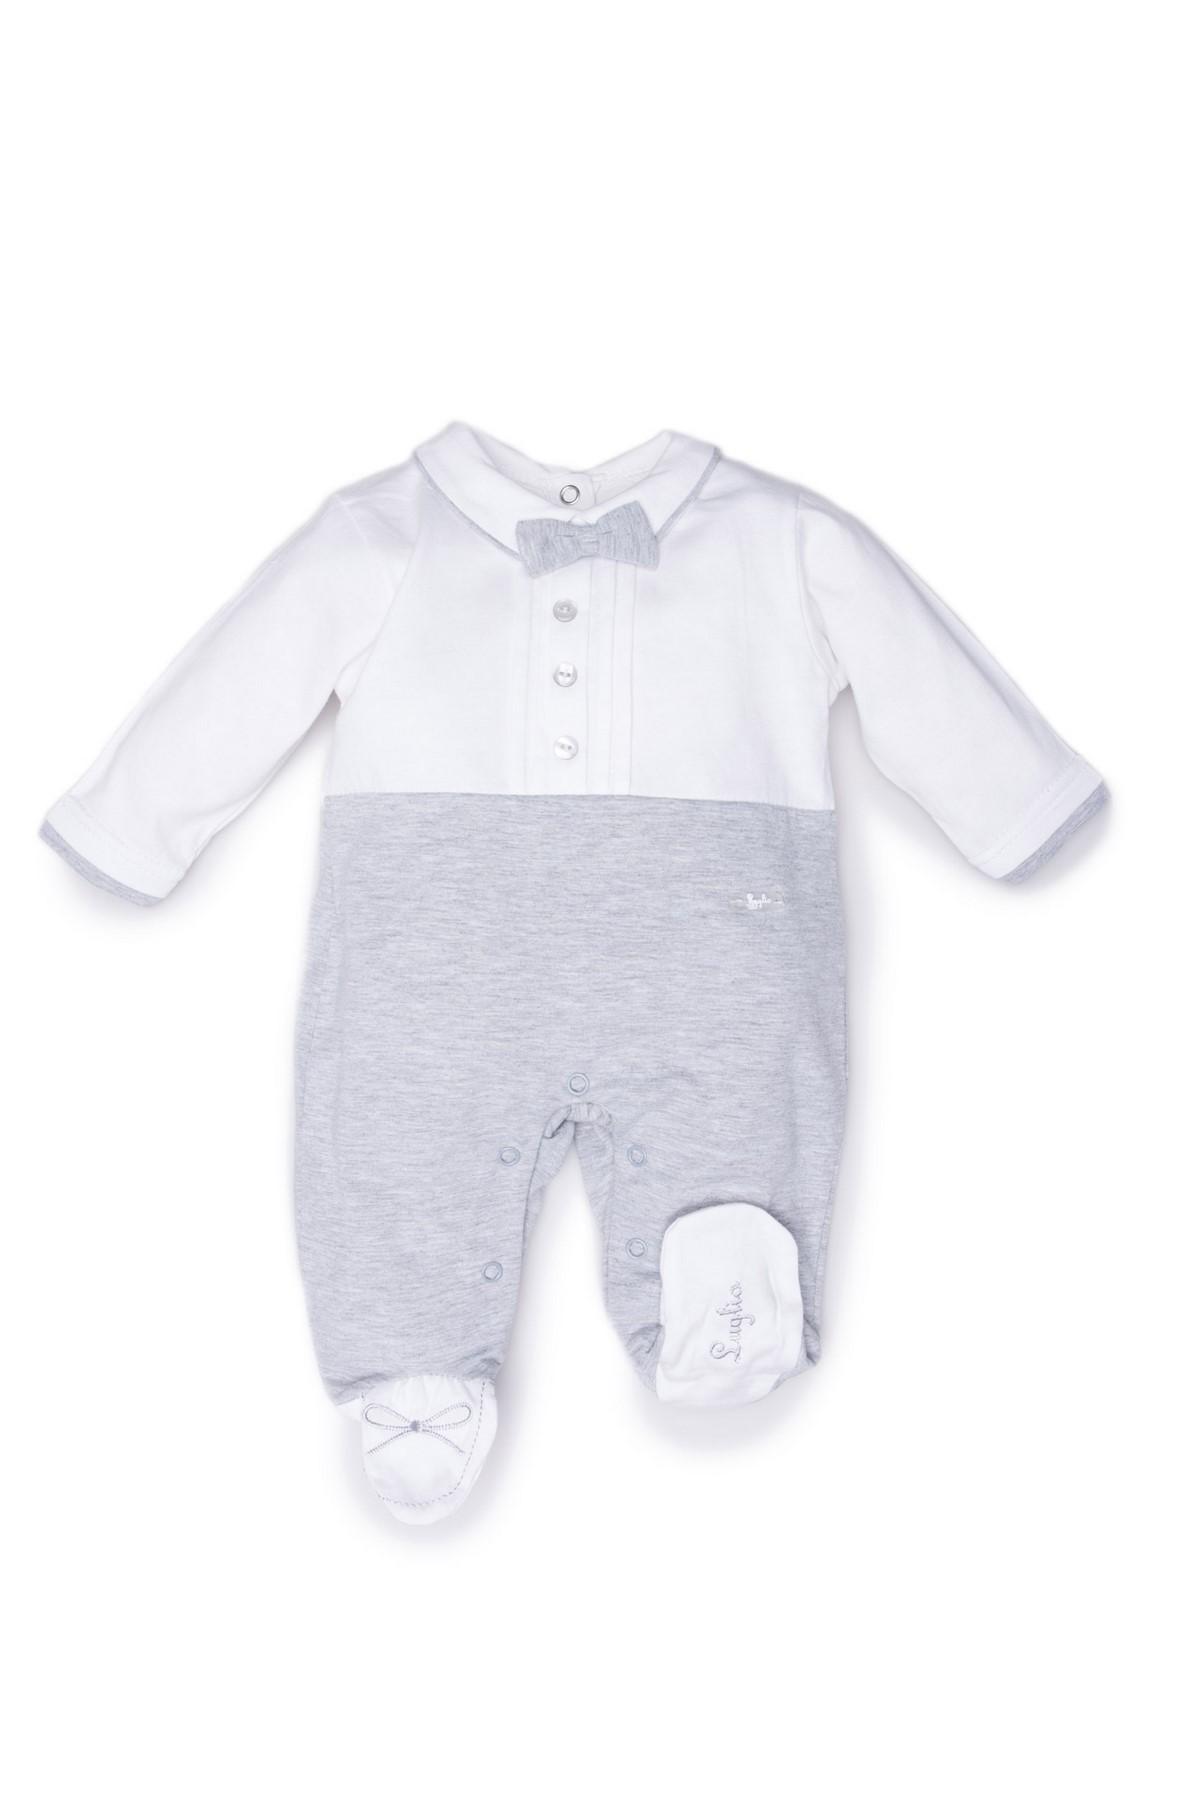 tutina maschietto luglio abbigliamento bicolore bianco grigio